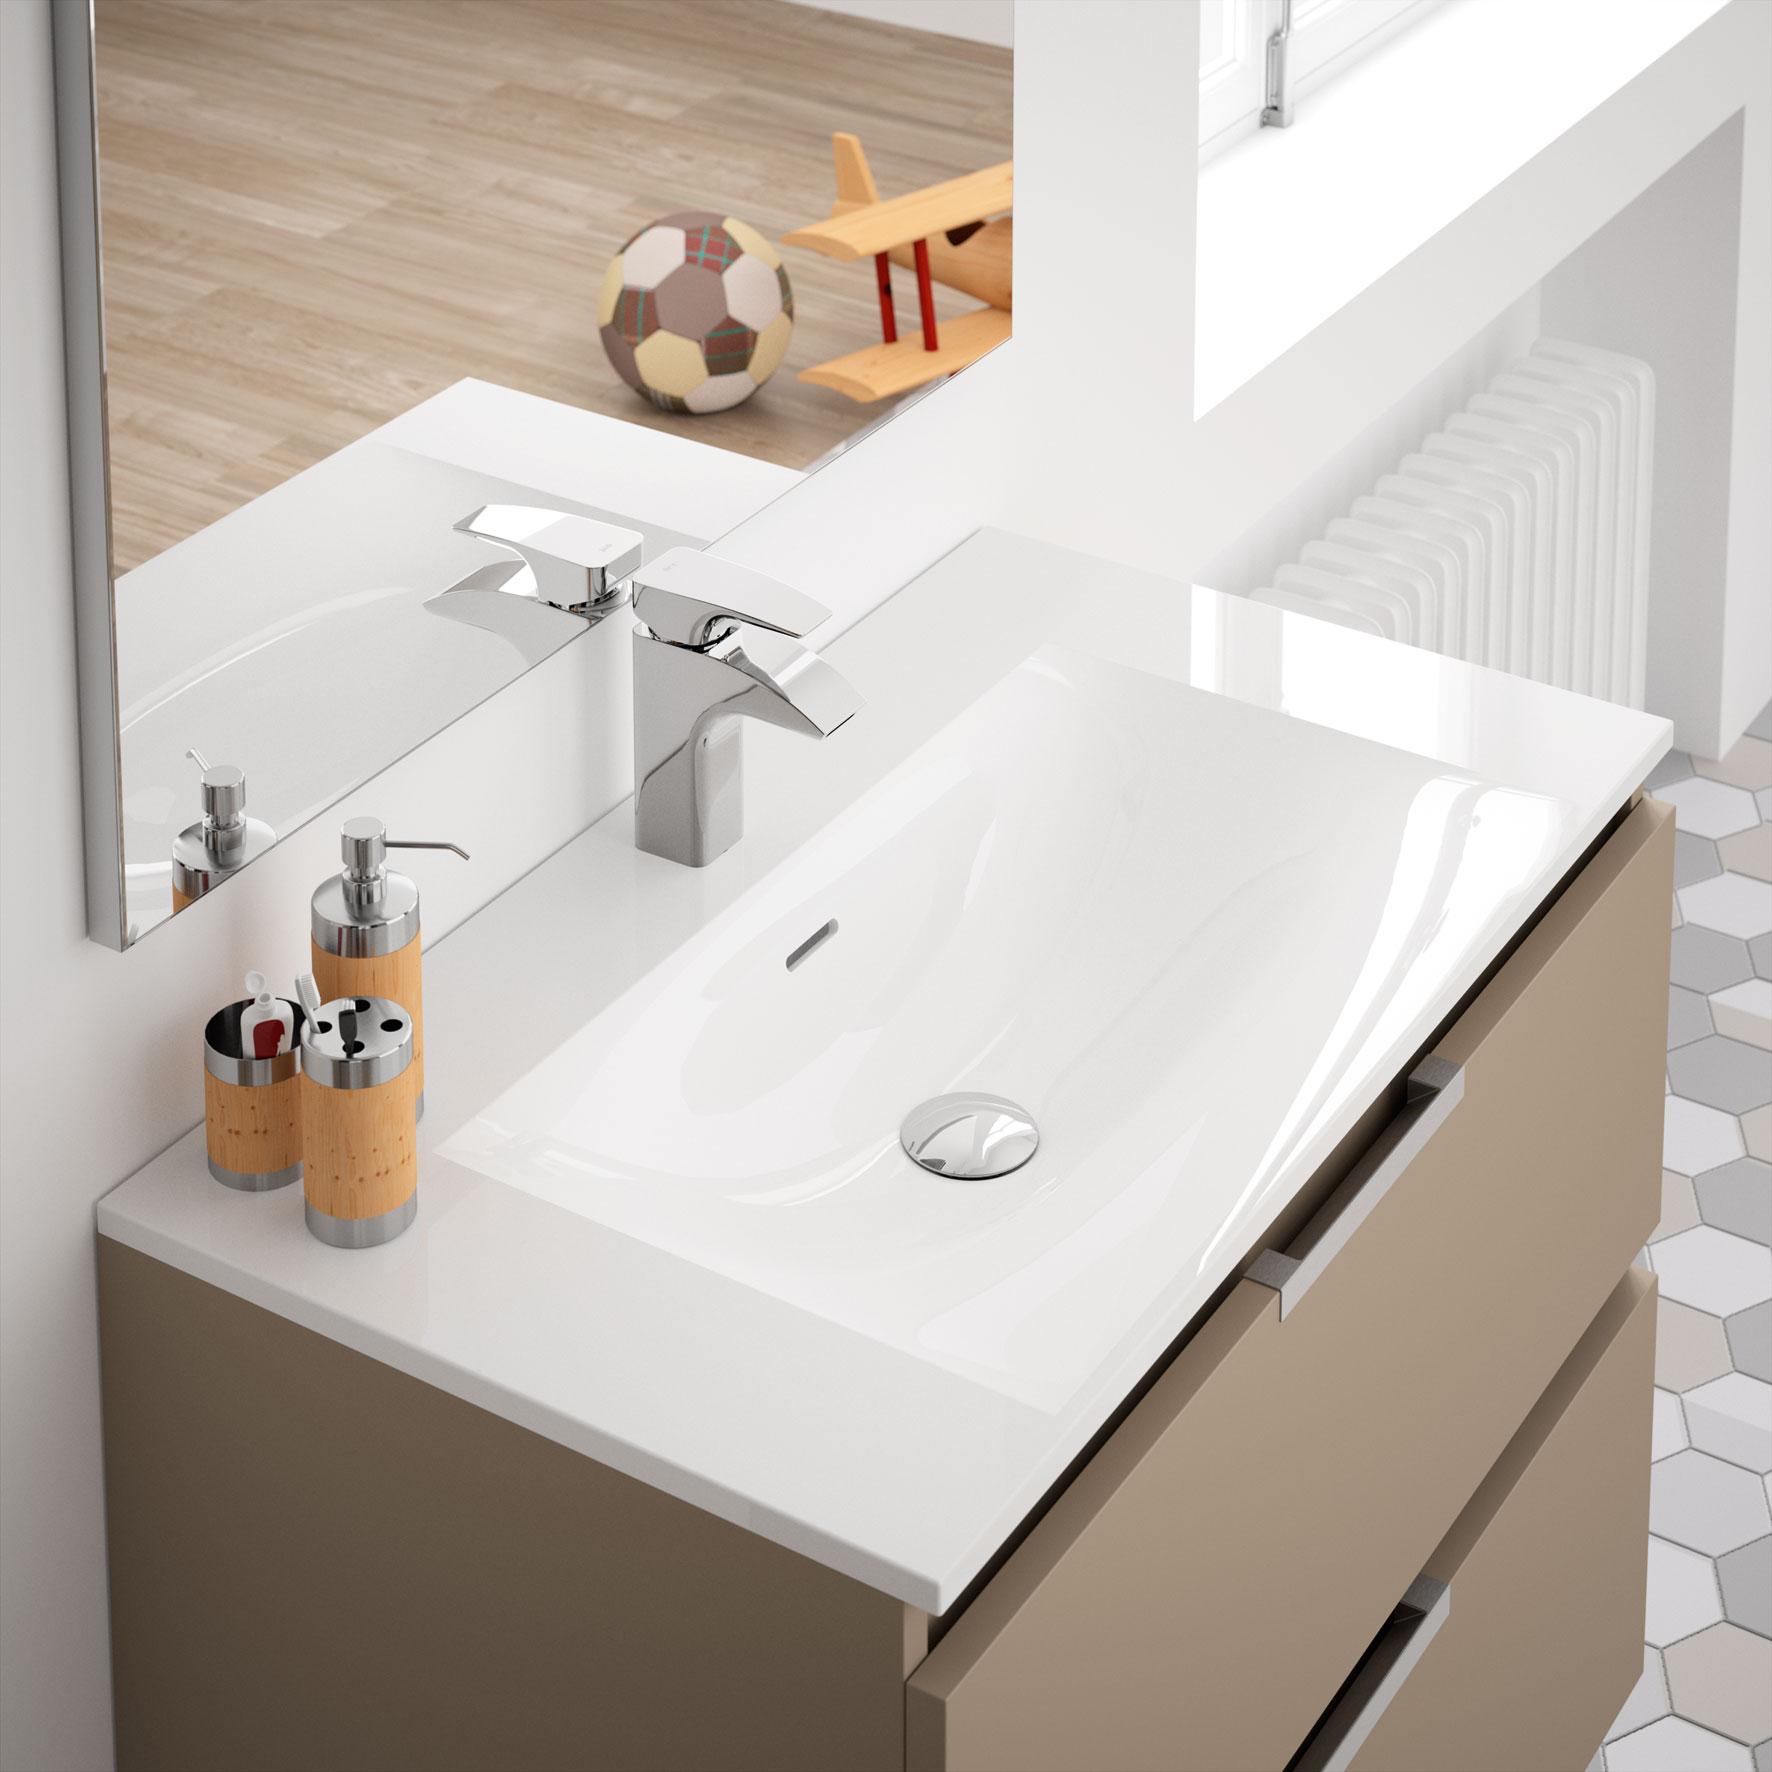 Ten meubles de salle de bains baignoires fabricant for Baignoire largeur 60